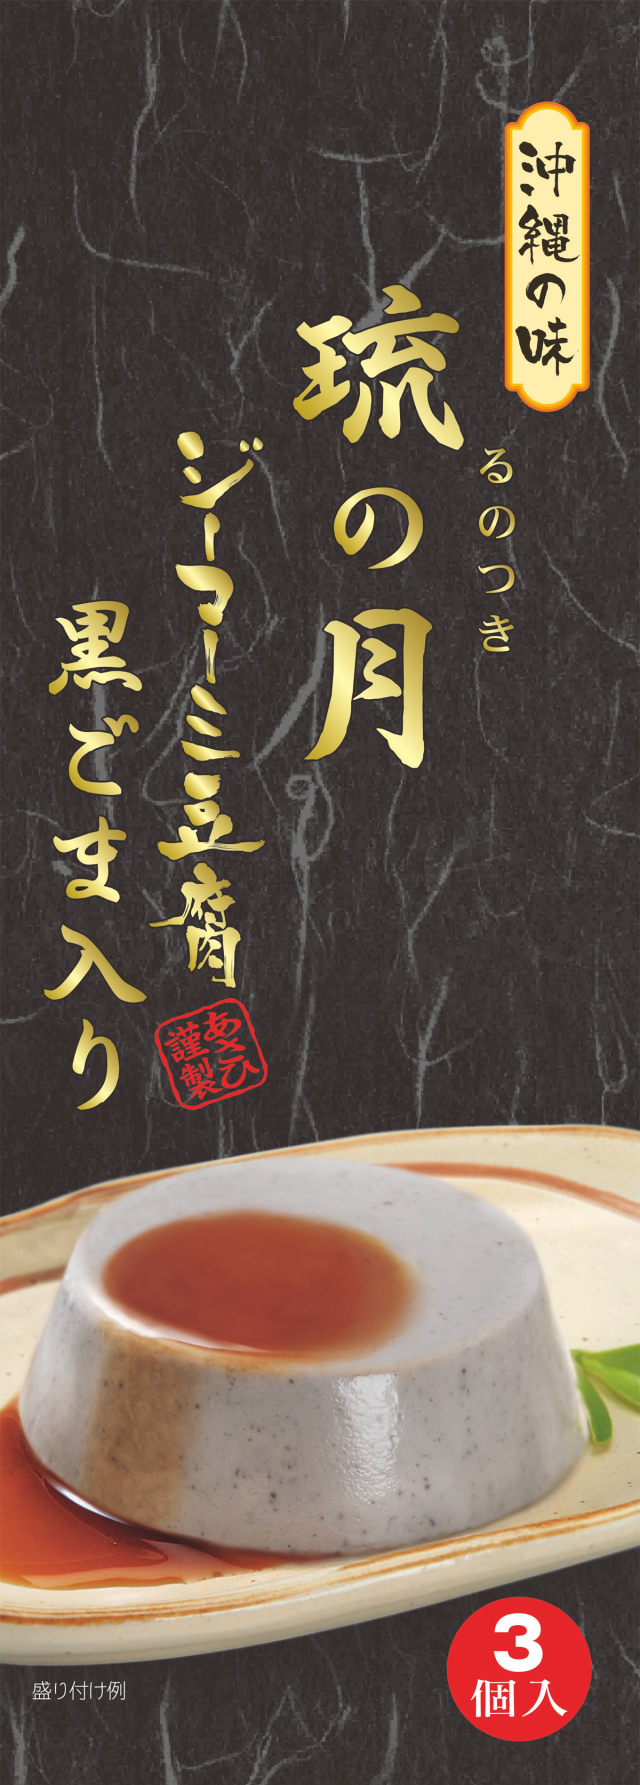 ジーマーミ豆腐 琉の月 黒ごま 3カップ入り